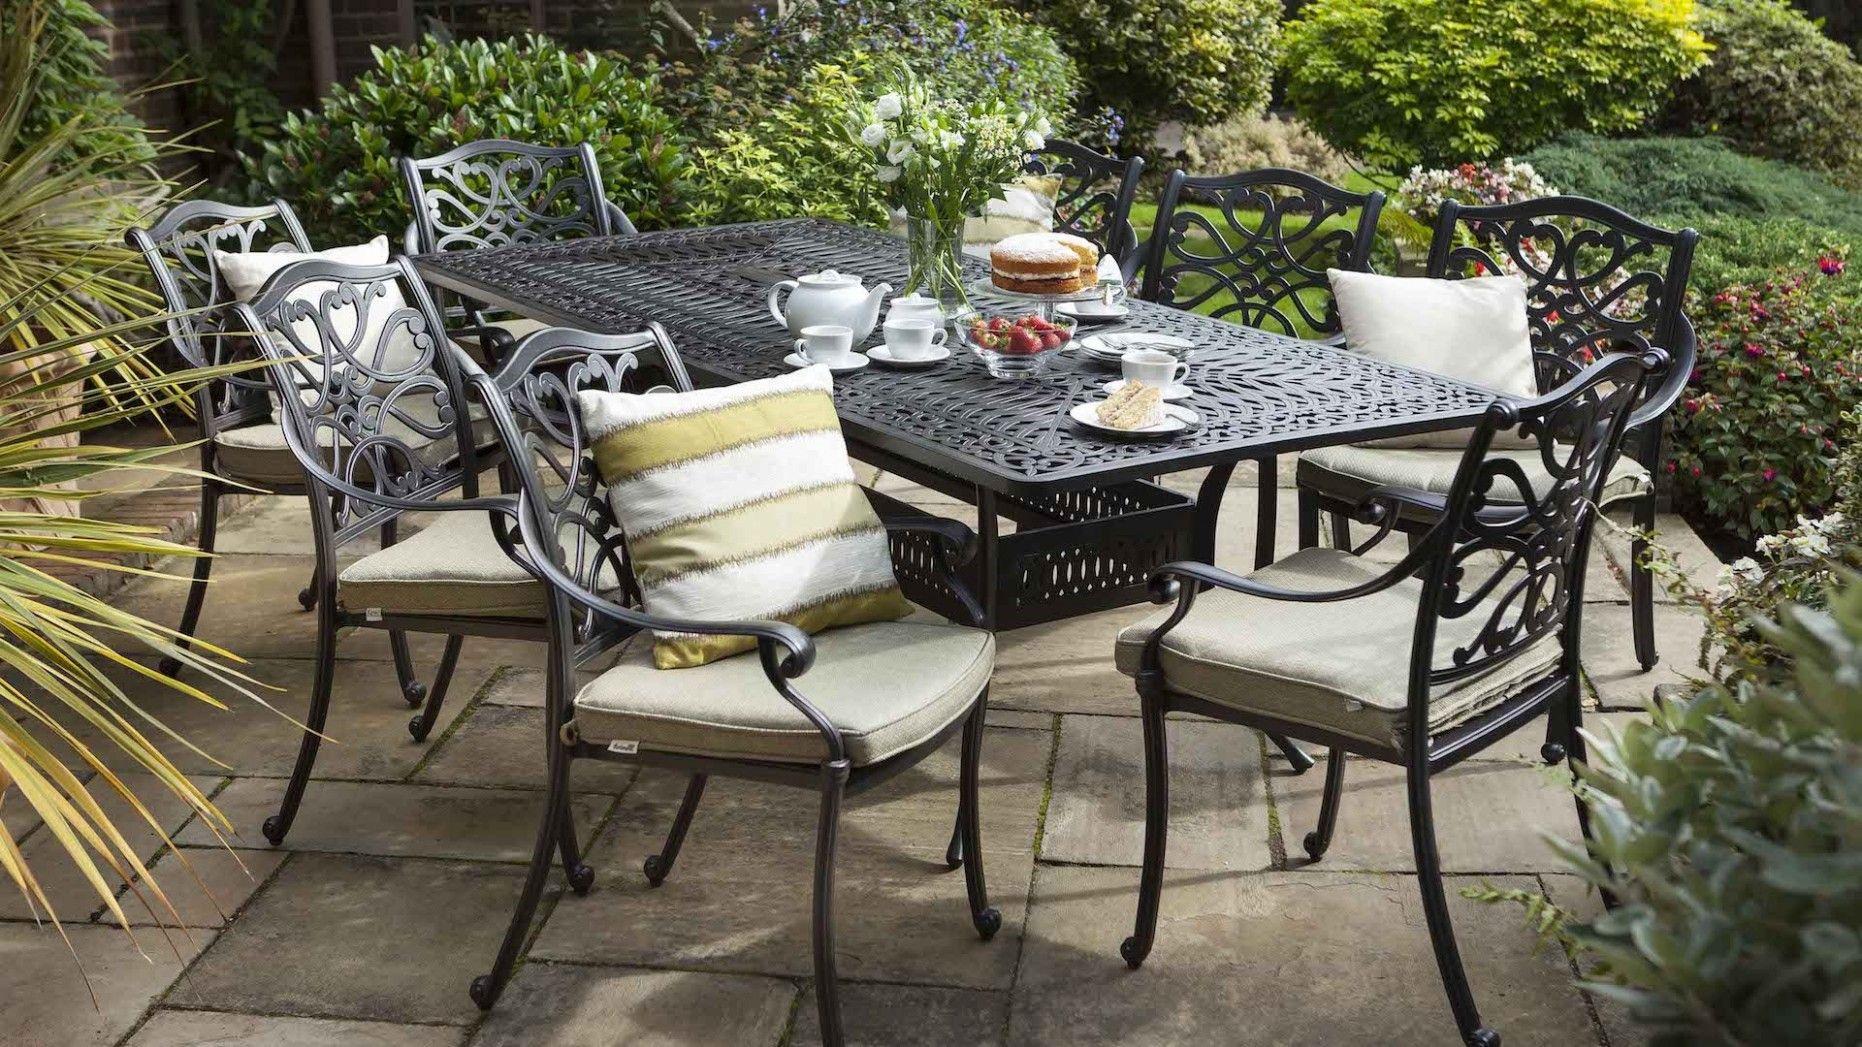 Hartman Garden Chairs in 7  Outdoor furniture sets, Outdoor